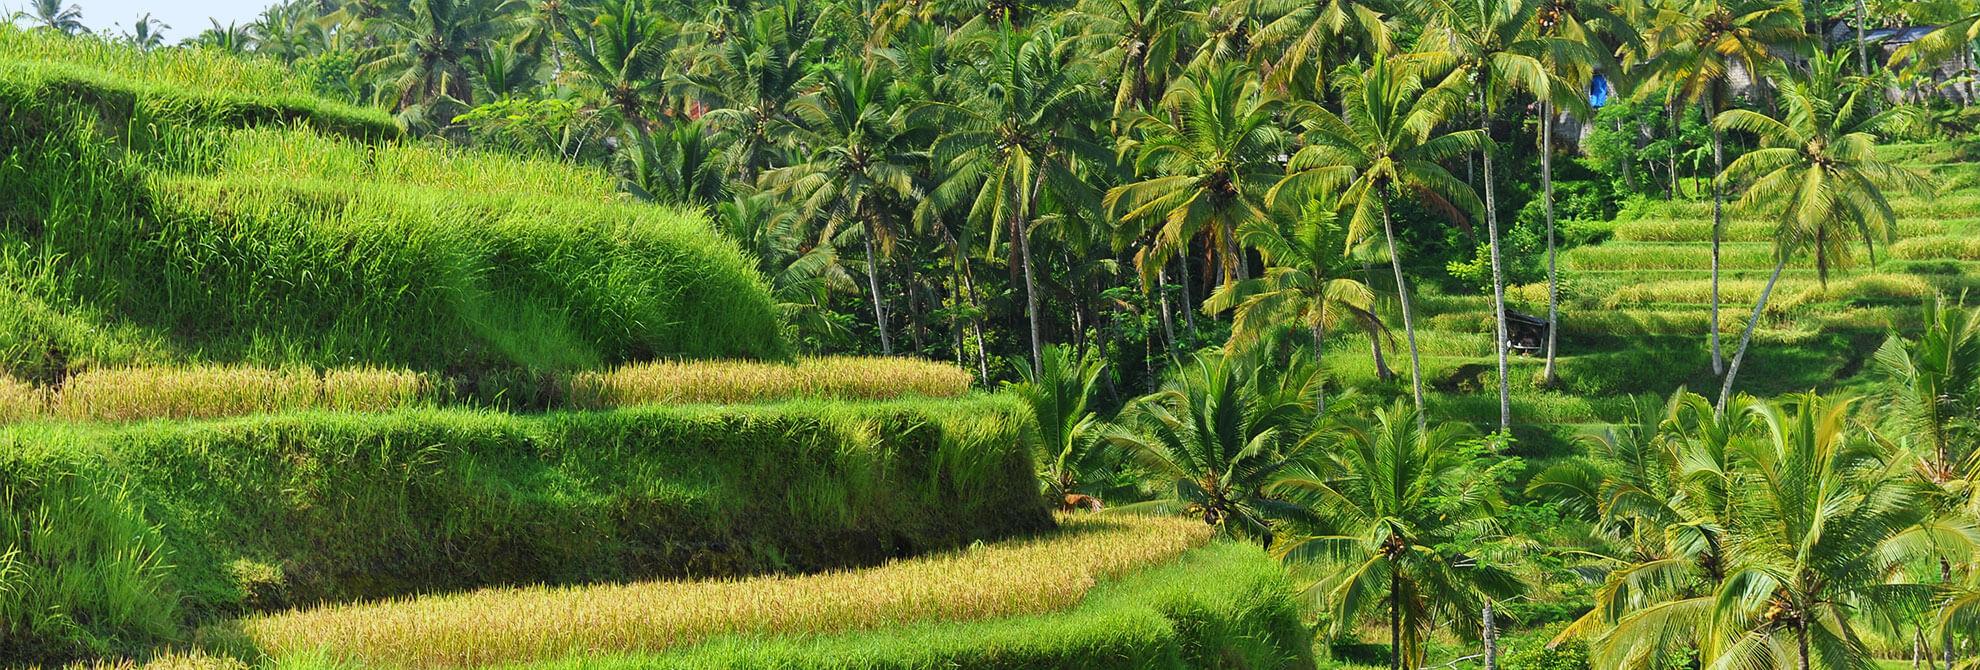 Champ de rizières